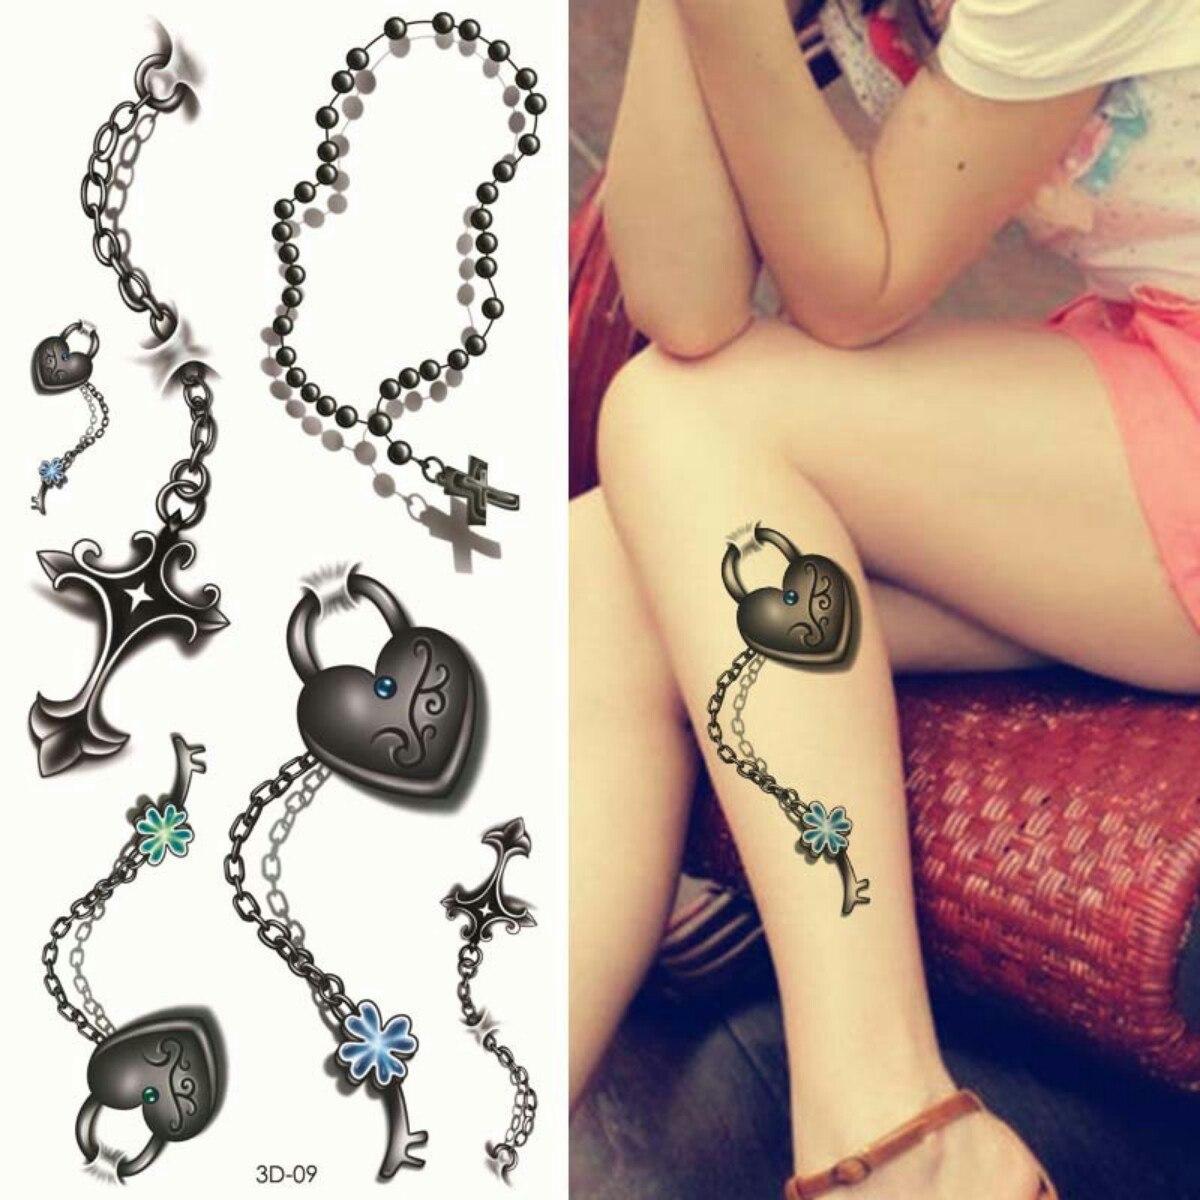 5 Cartelas Tatuagem Temporaria 3d Terço Corrente Coração 3d